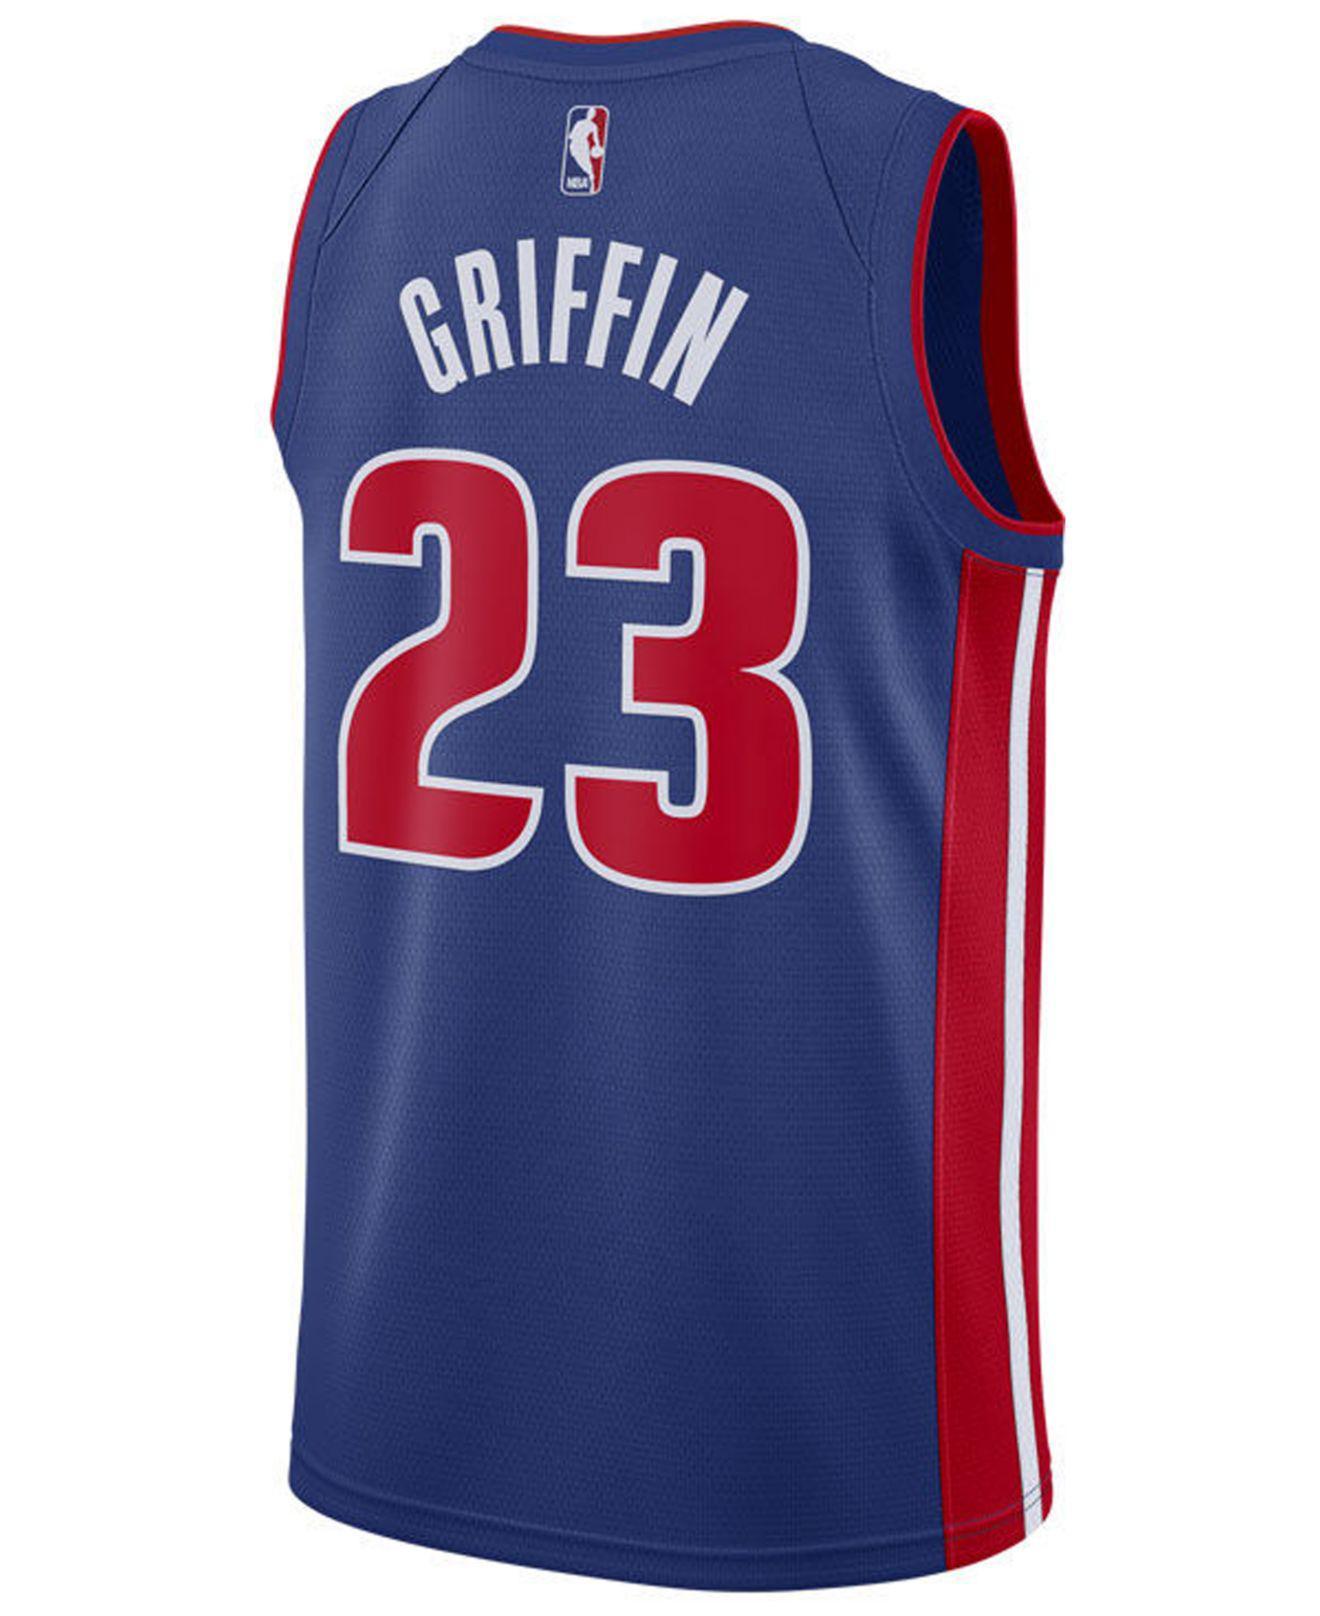 37e74abd0a4 Lyst - Nike Blake Griffin Detroit Pistons Icon Swingman Jersey in ...